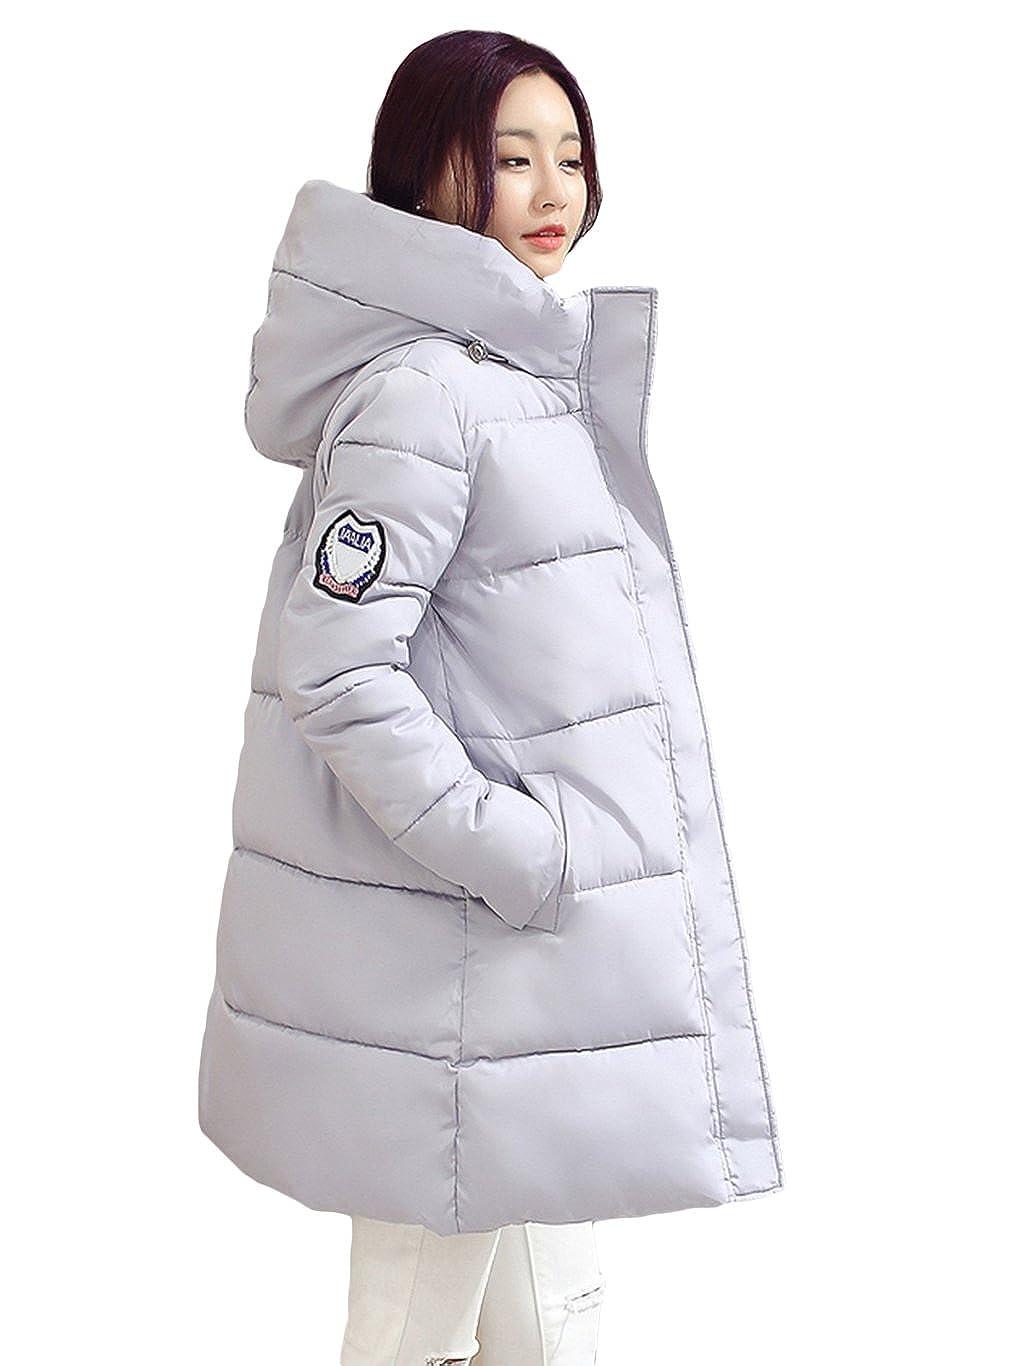 Légère Manteau Épaissir Veste Pelisse Doudoune BOA Long Y Capuche Mi Fqf1gwU